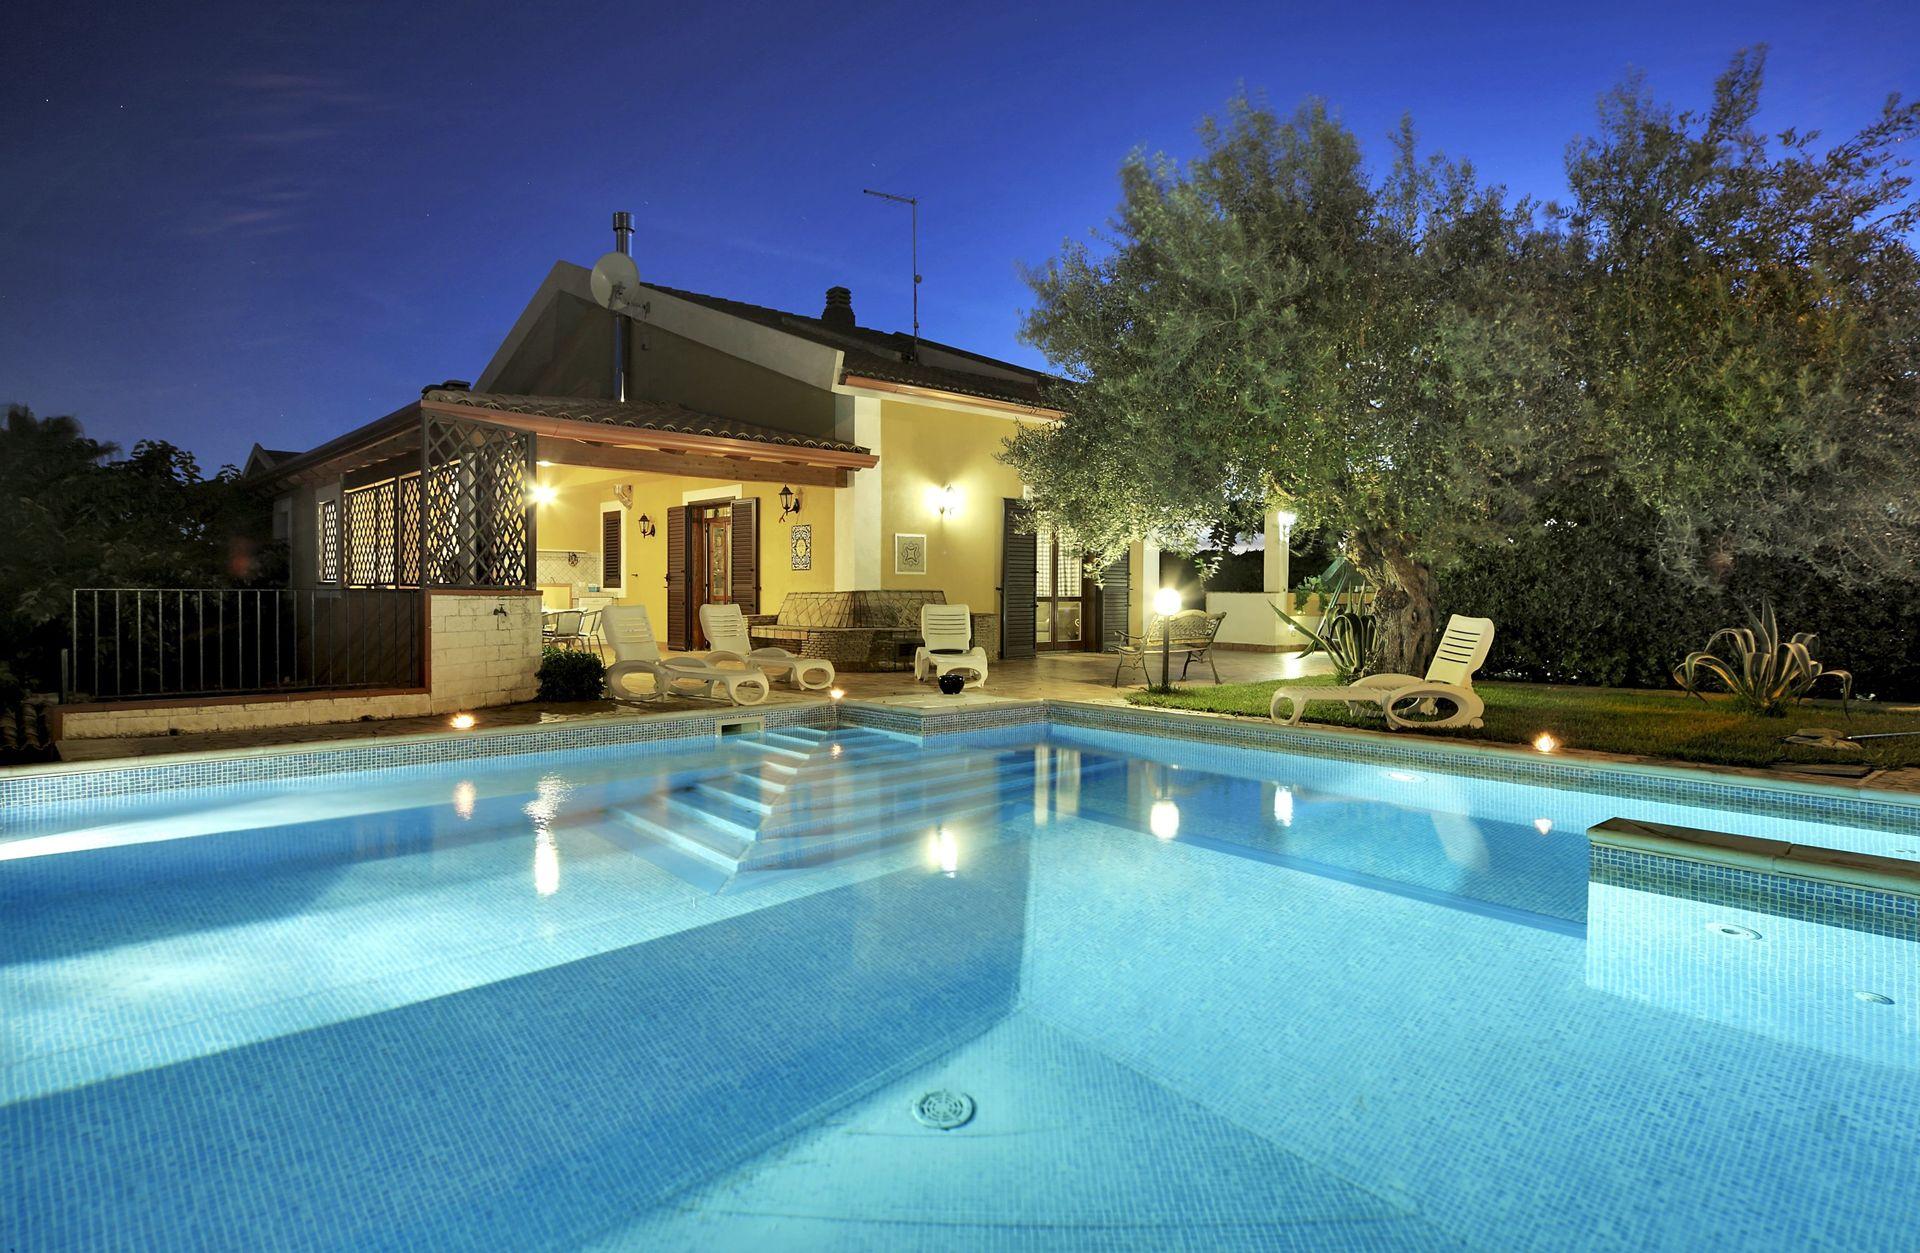 Location De Vacances À Marina Di Ragusa | Villa Dell'ulivo ... tout Piscine Gdo